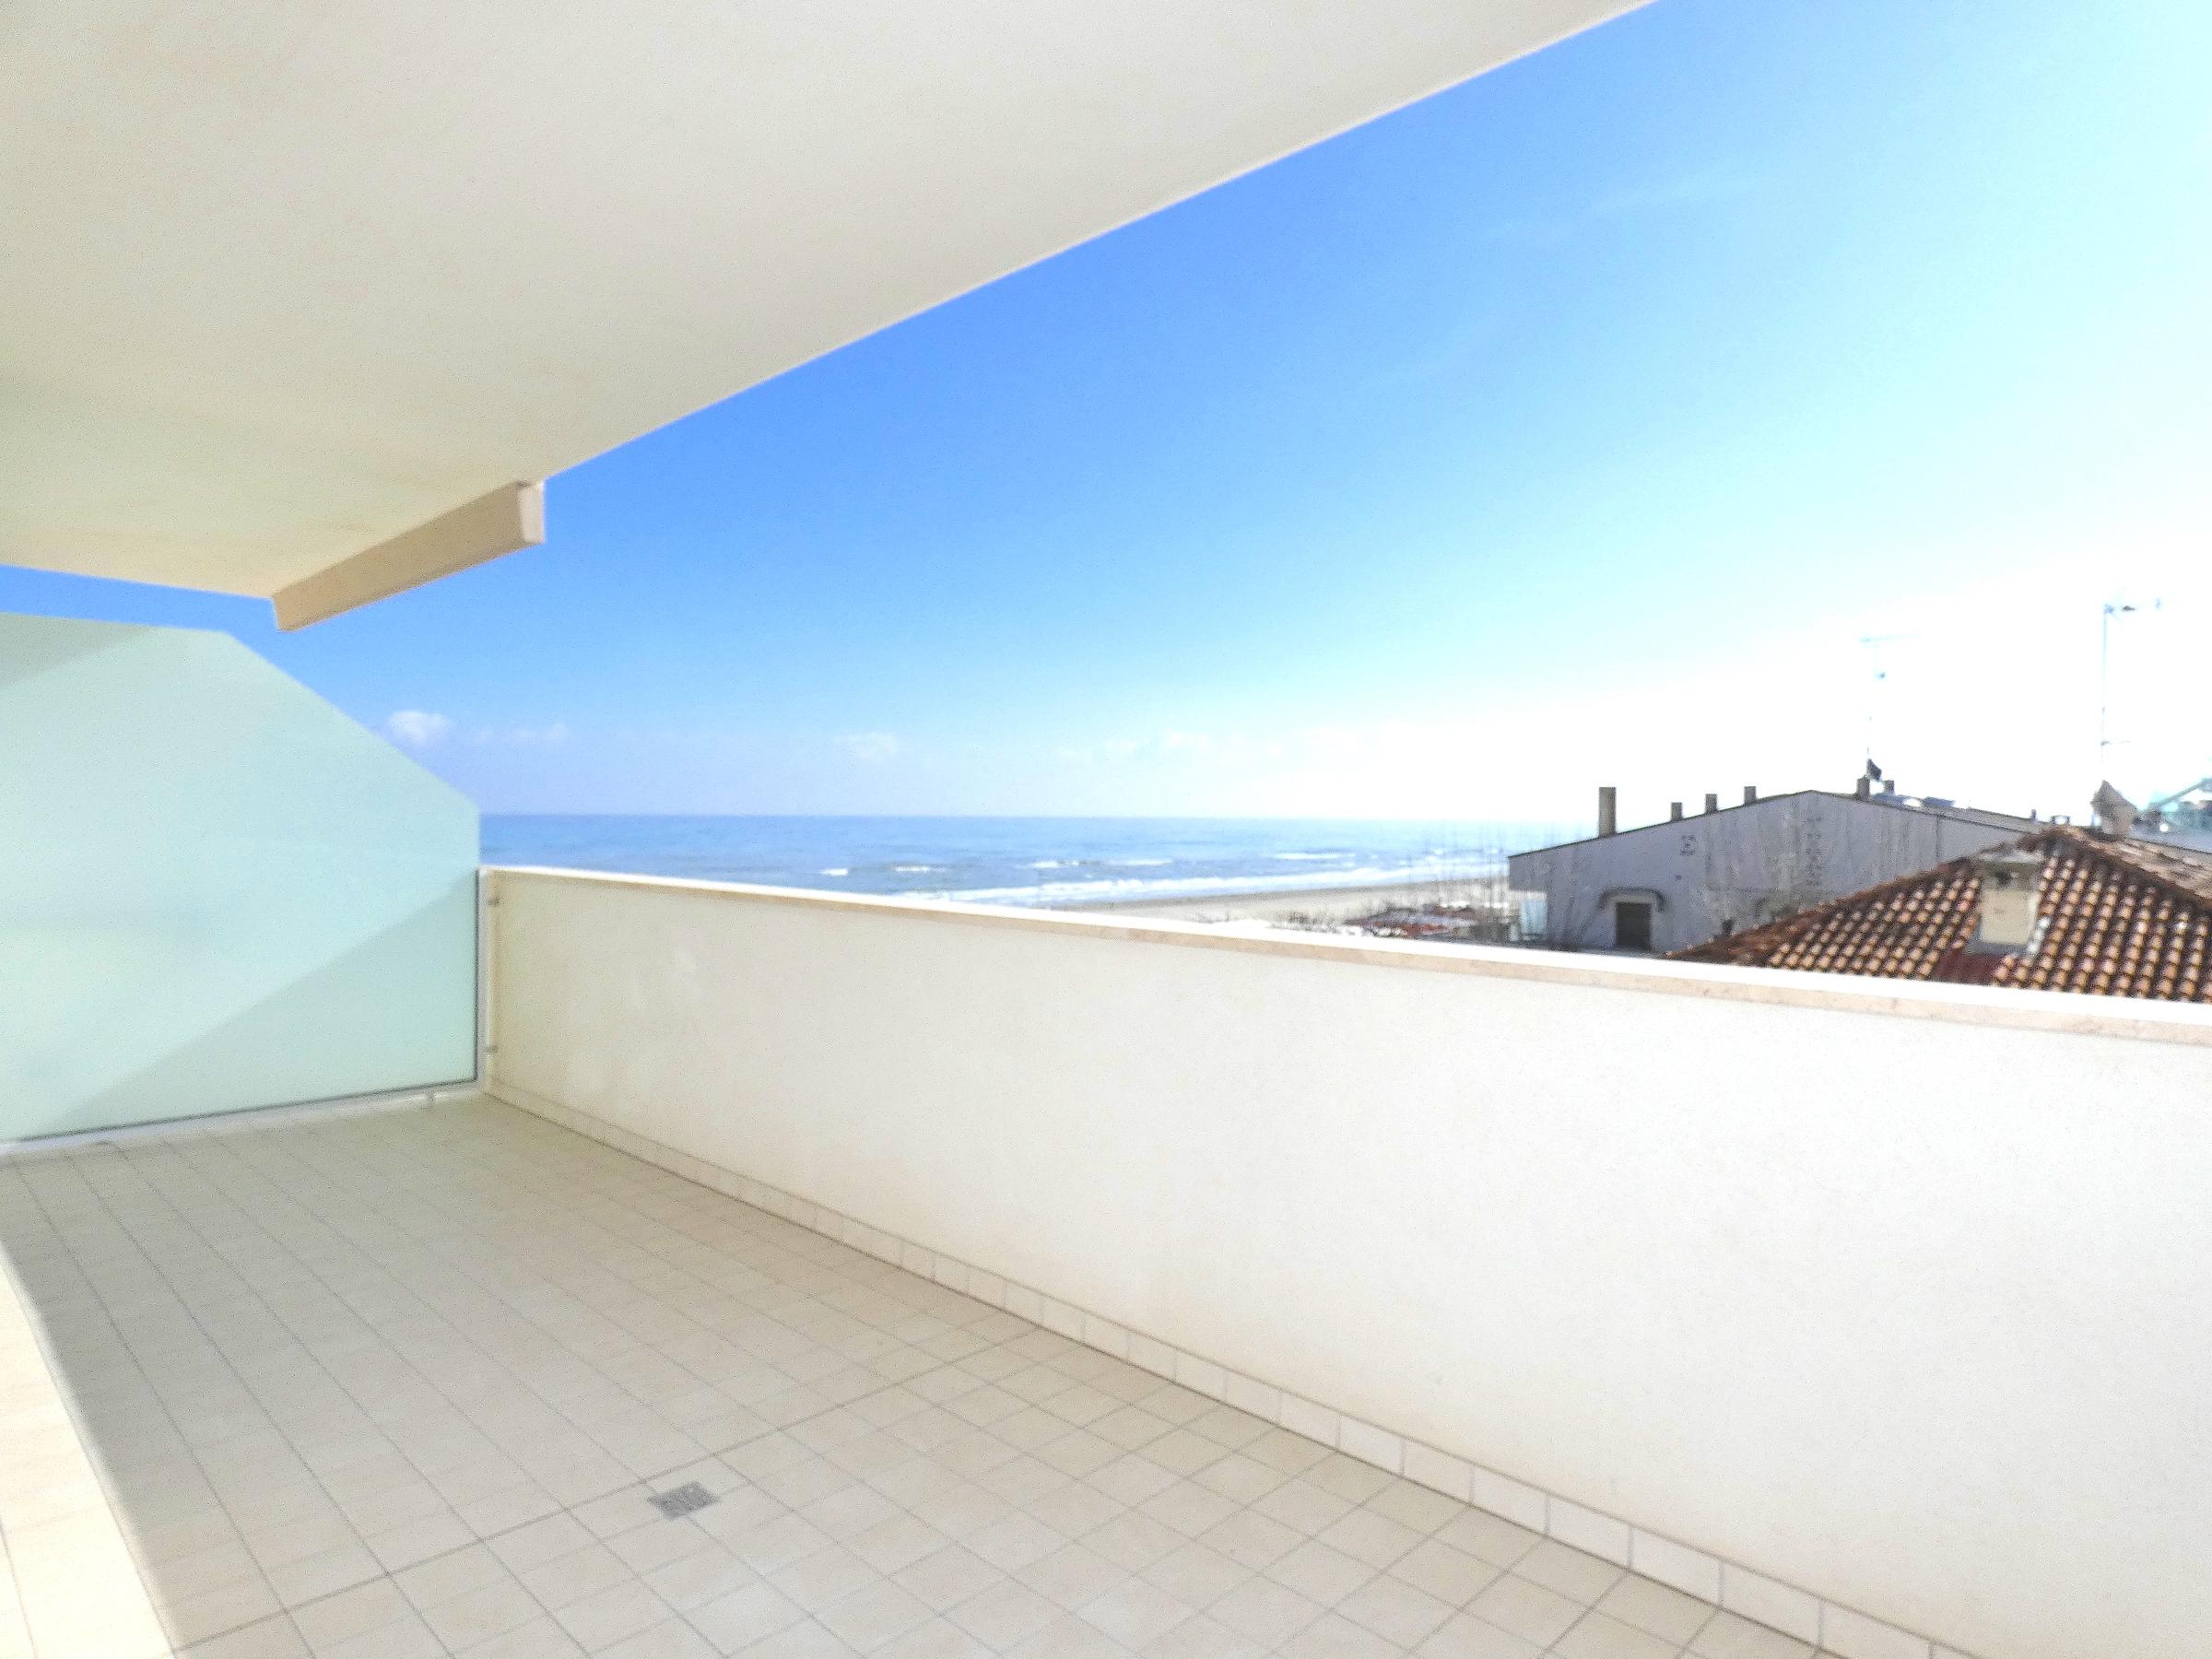 RICCIONE ABISSINIA, Meraviglioso appartamento in vendita vista mare